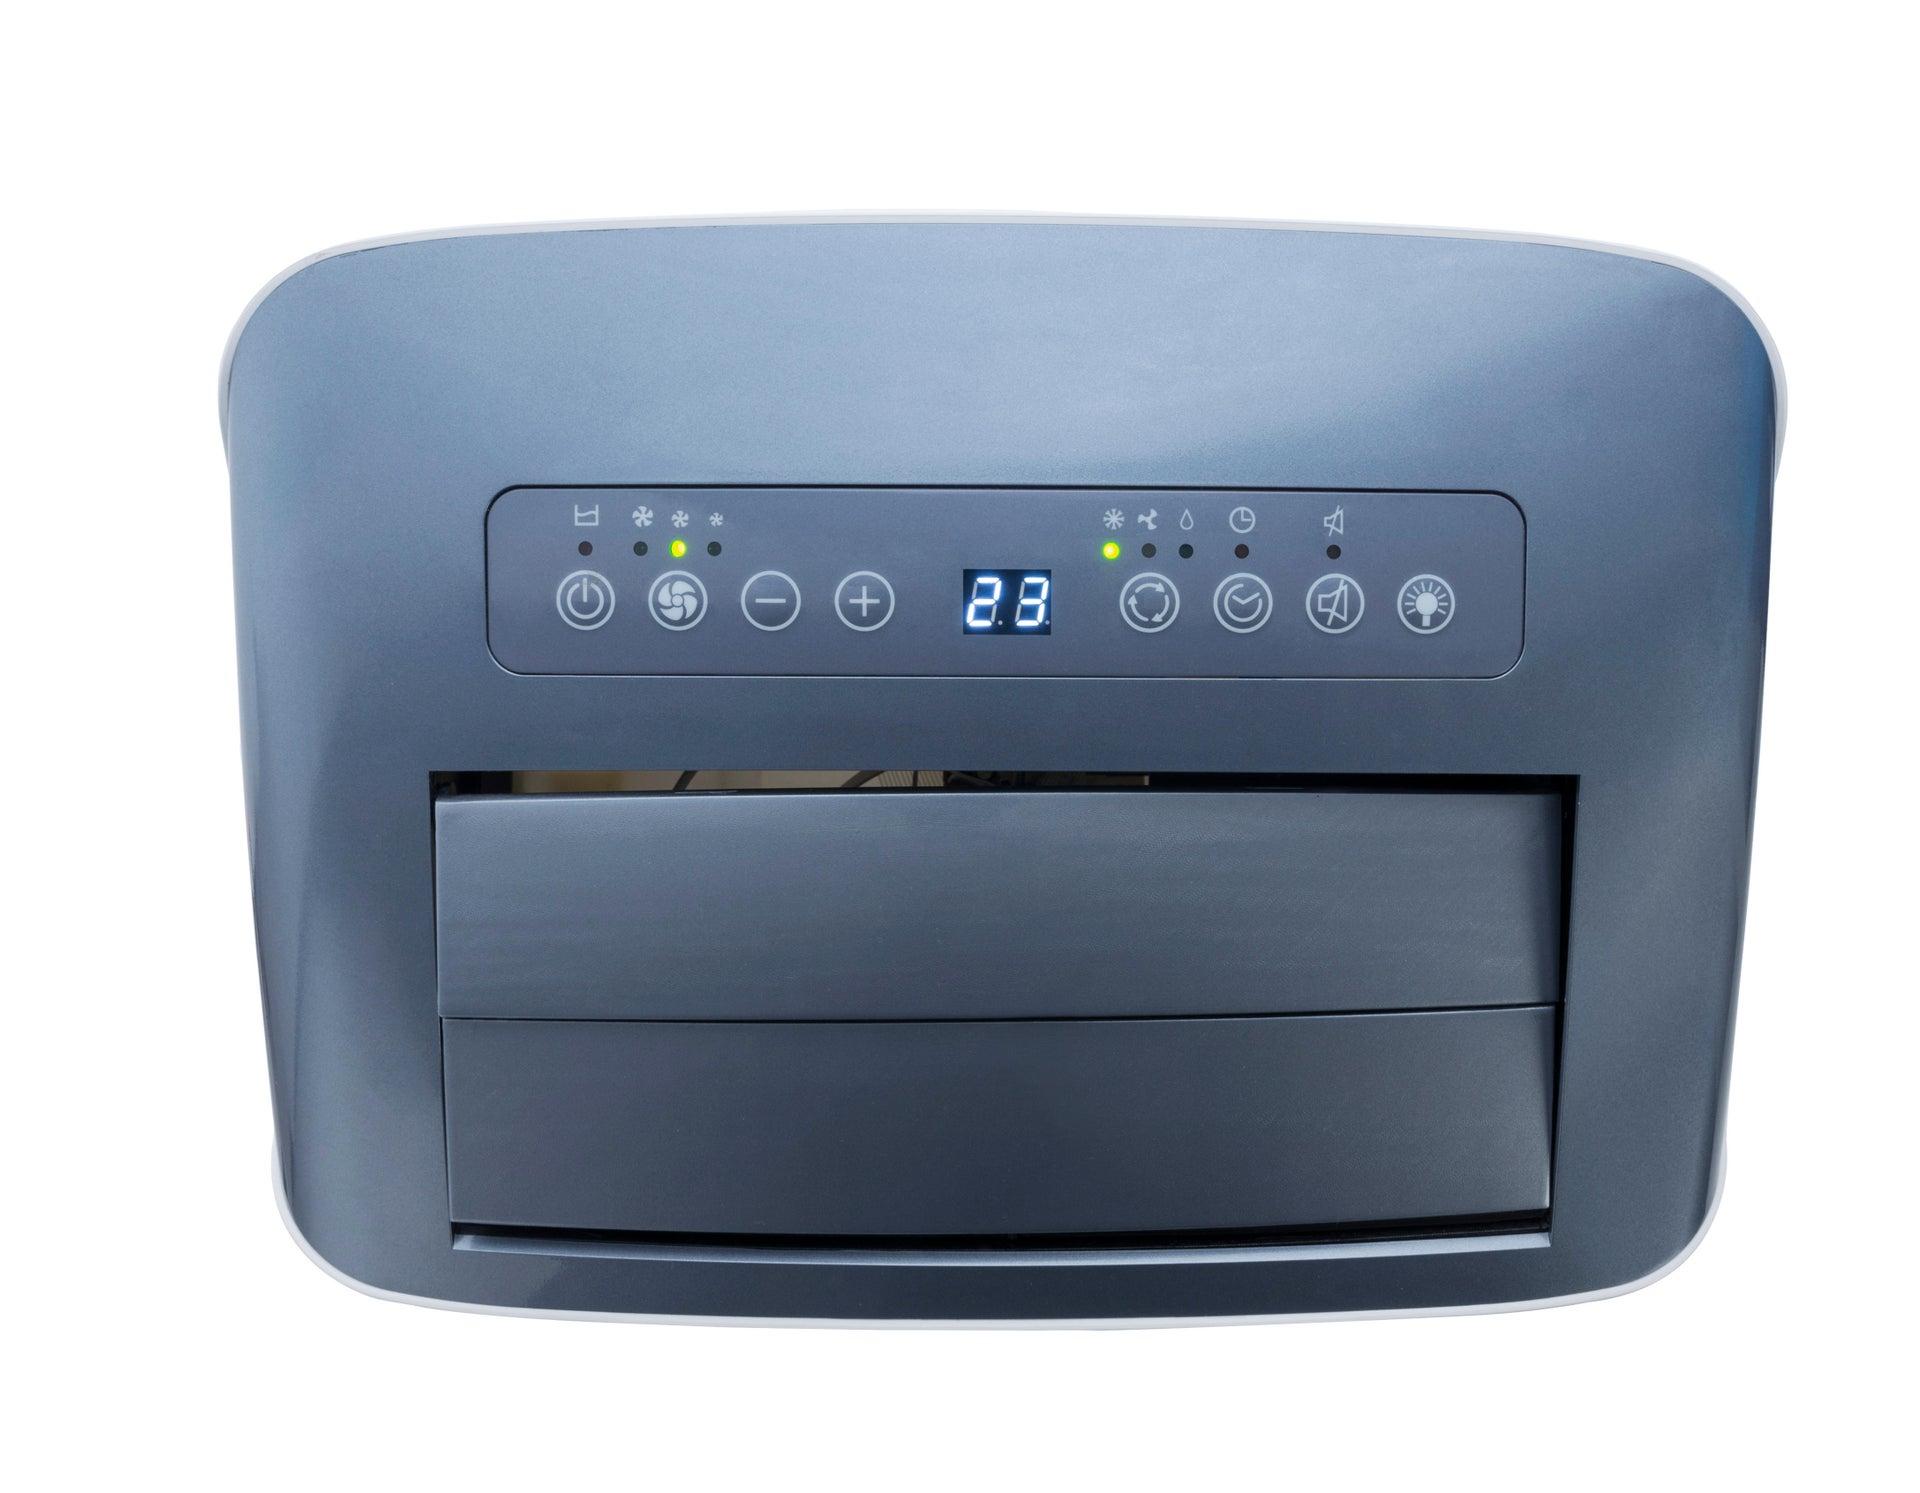 Condizionatore portatile EQUATION Silent 9000 BTU - 3